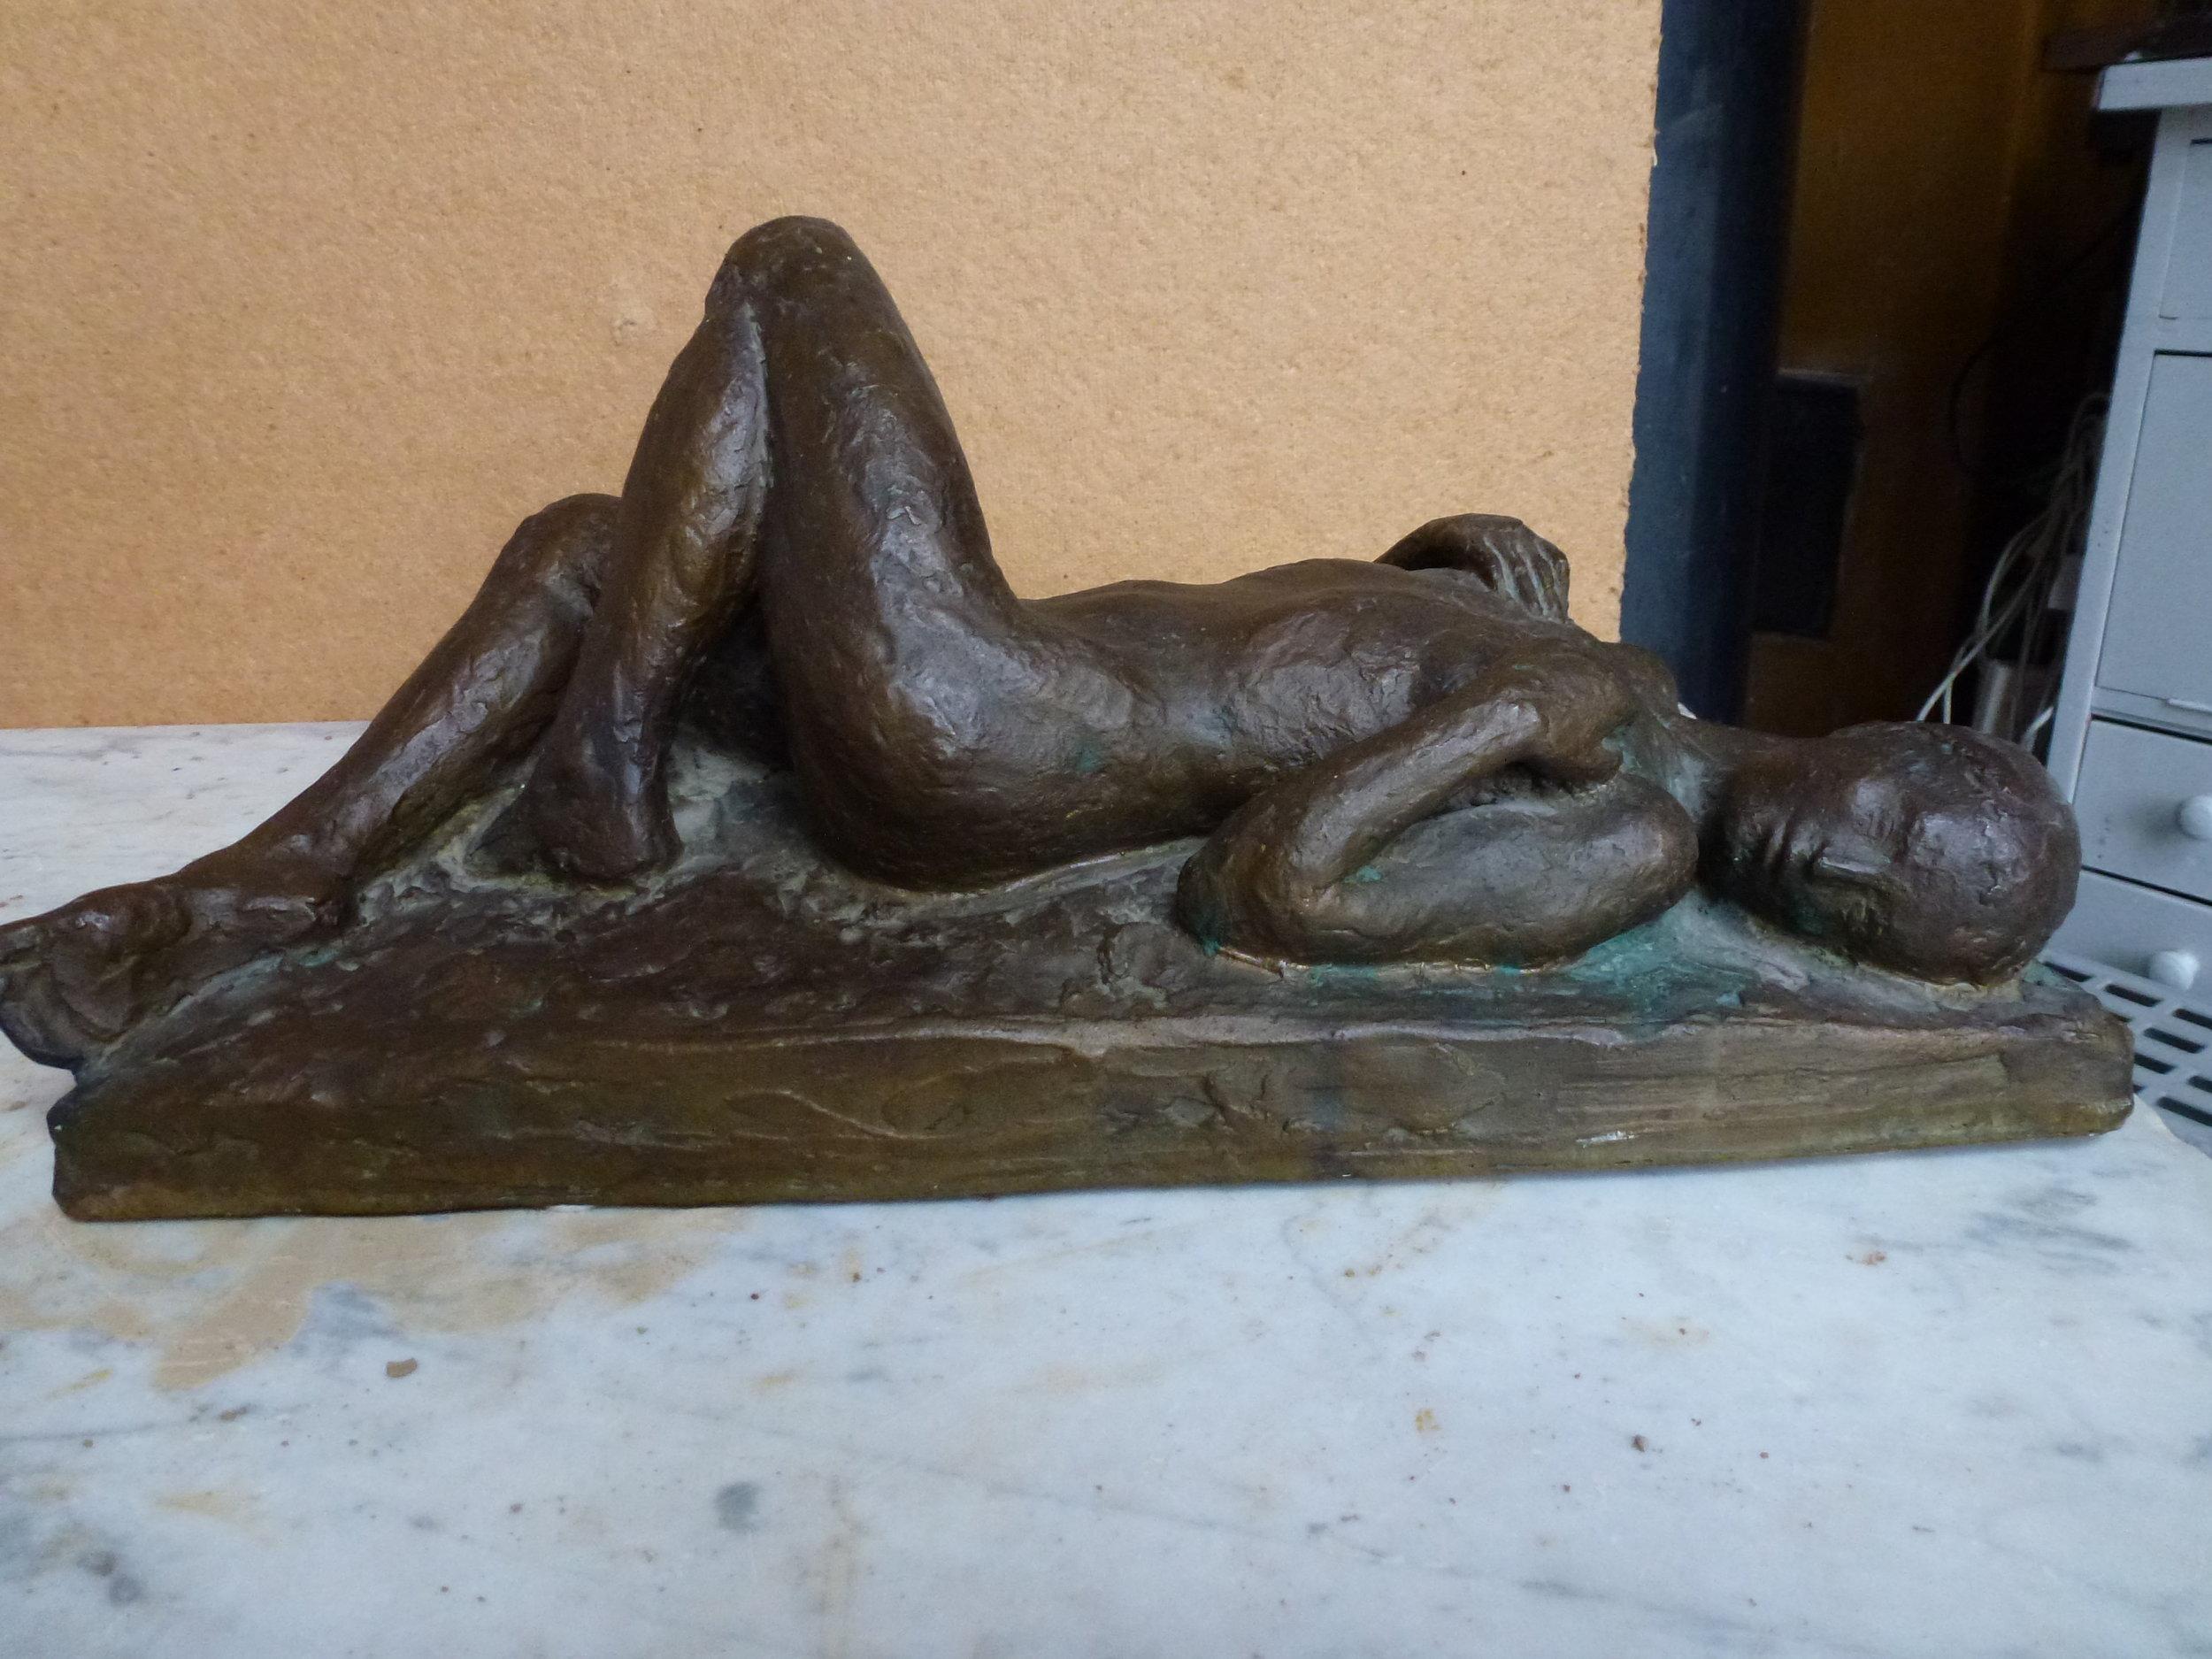 Liggende bronzefigur kr. 20.000